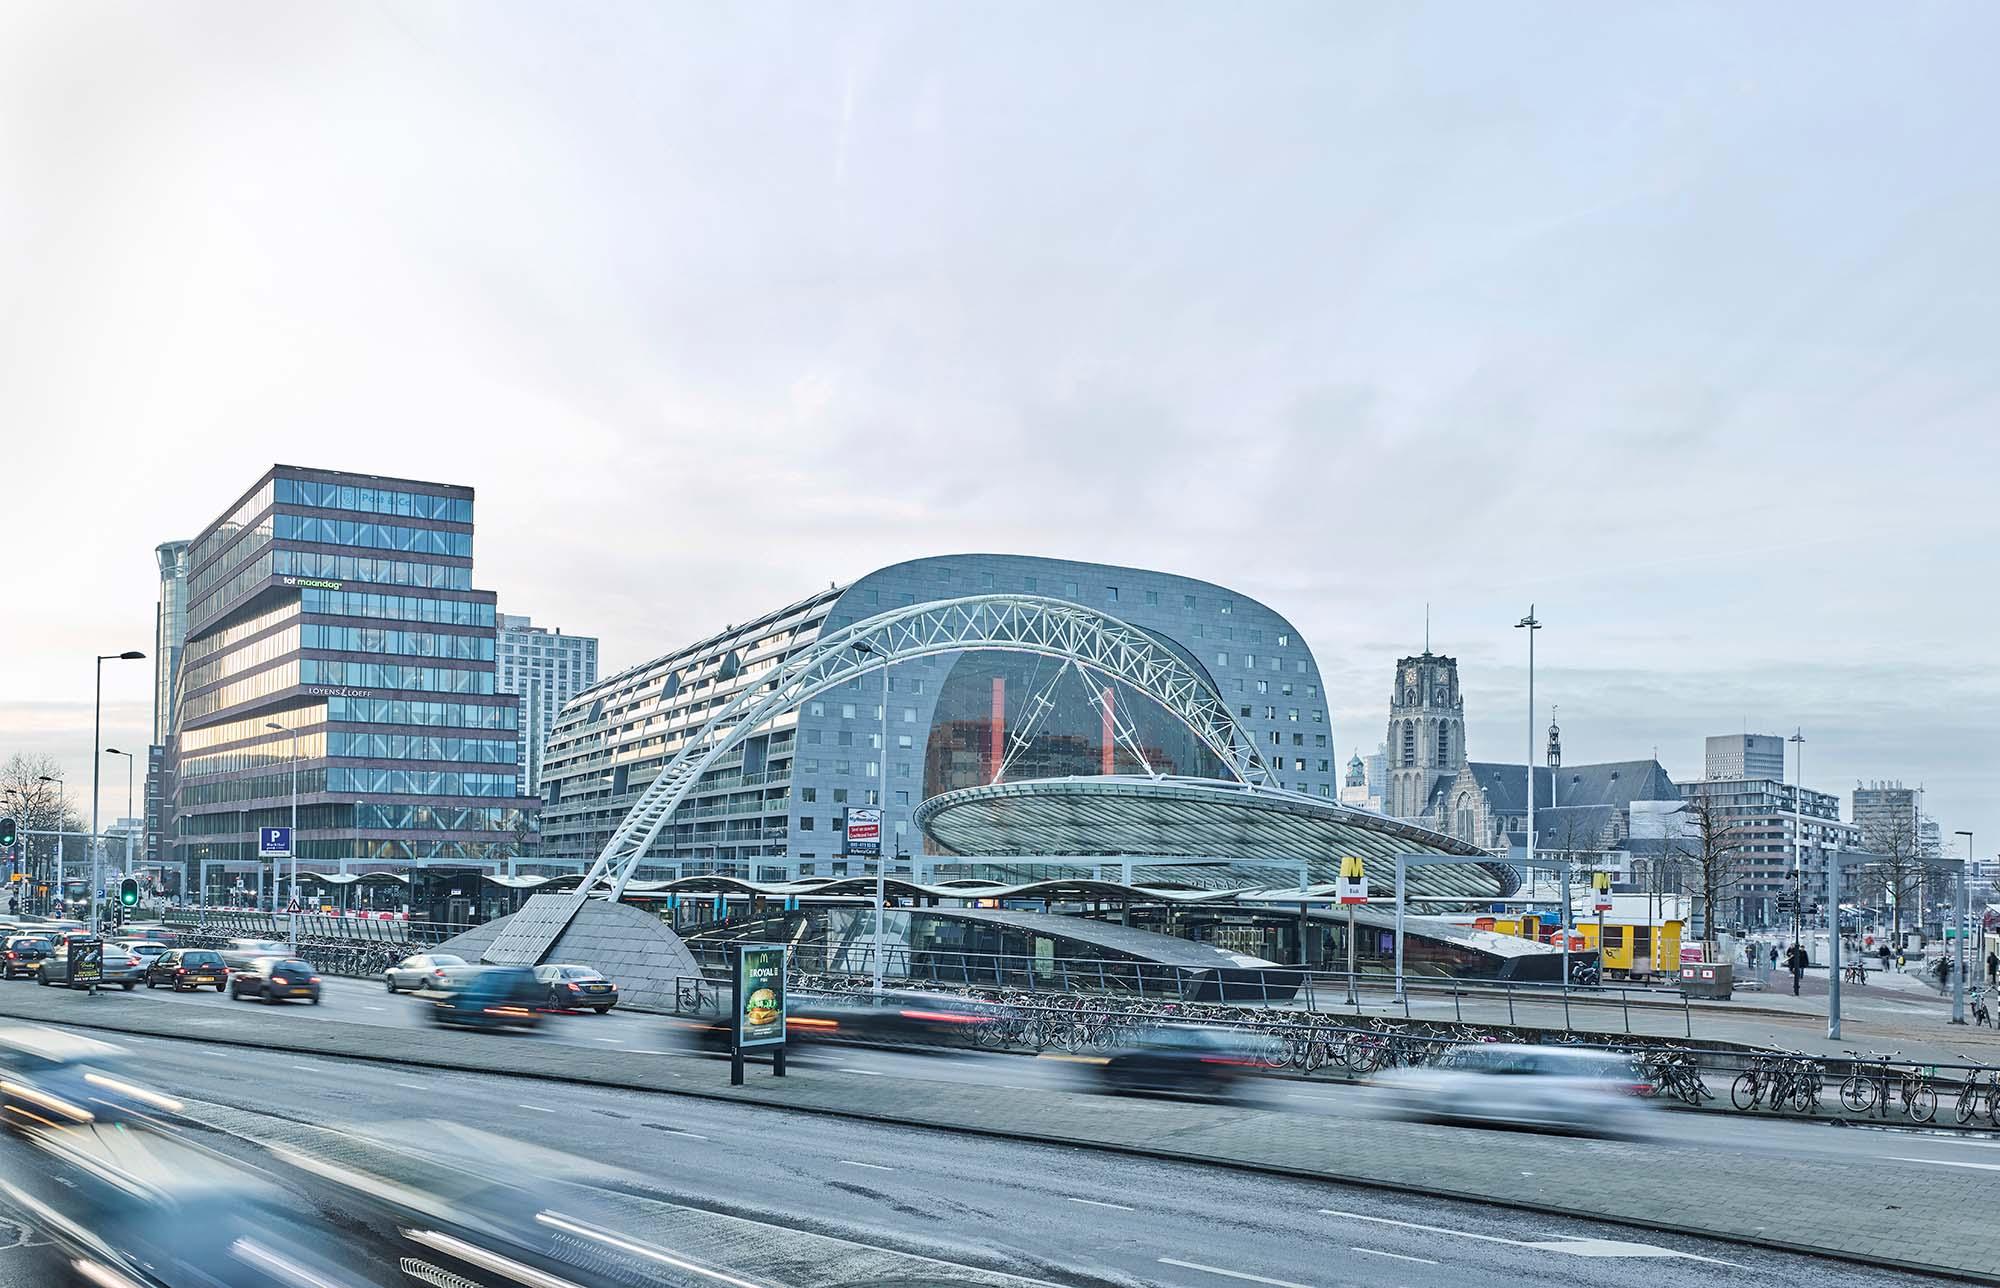 Opp 004882 - Rotterdam: Spielwiese verrückter Architektur von Weltruf